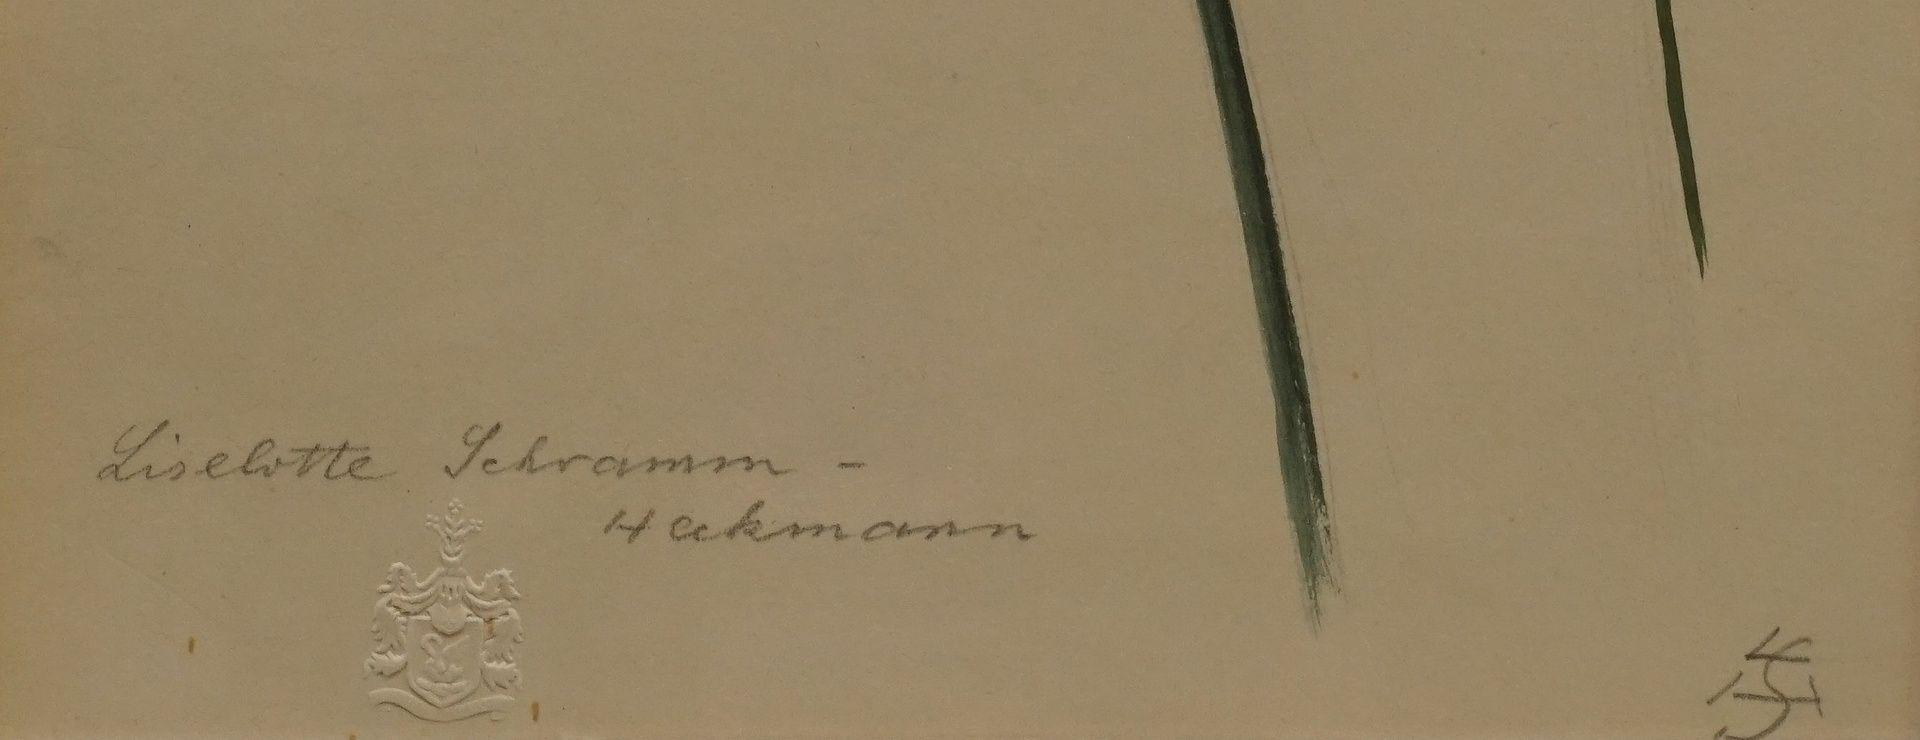 """Liselotte Schramm Heckmann, """"Gladiole und Sonnenhut"""" - Bild 3 aus 3"""